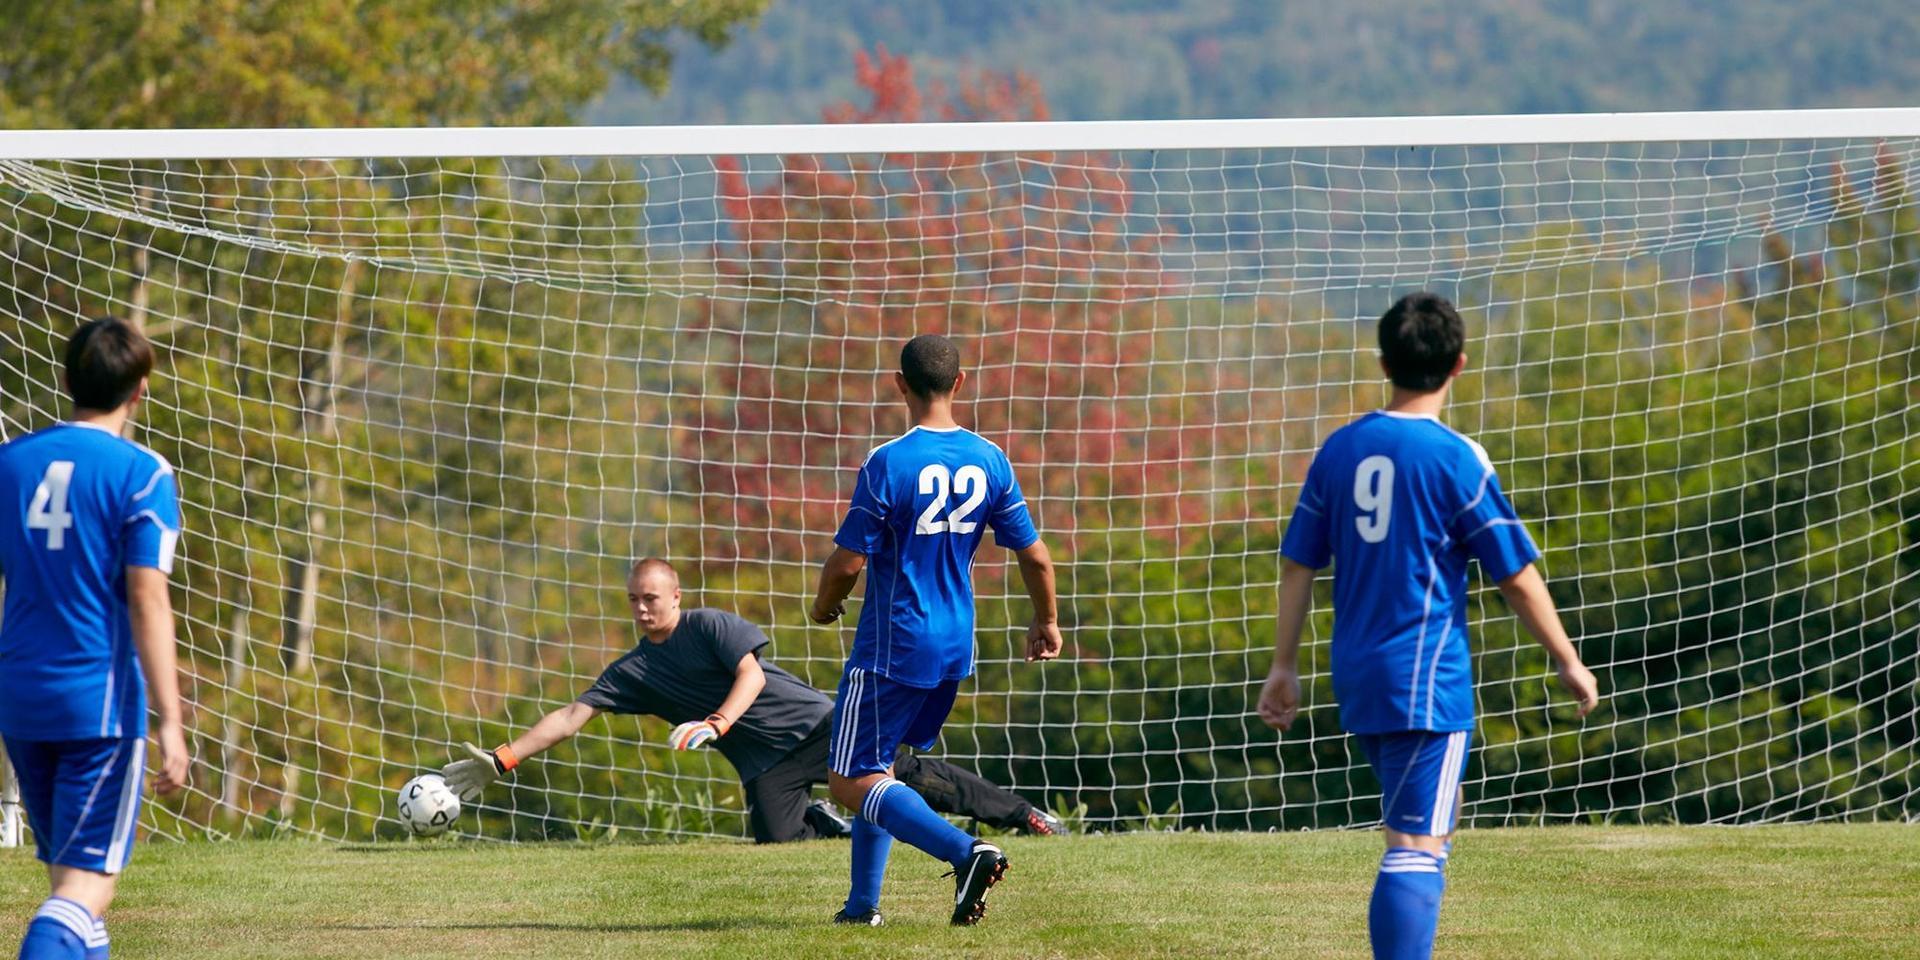 学生们在边缘球场踢足球.